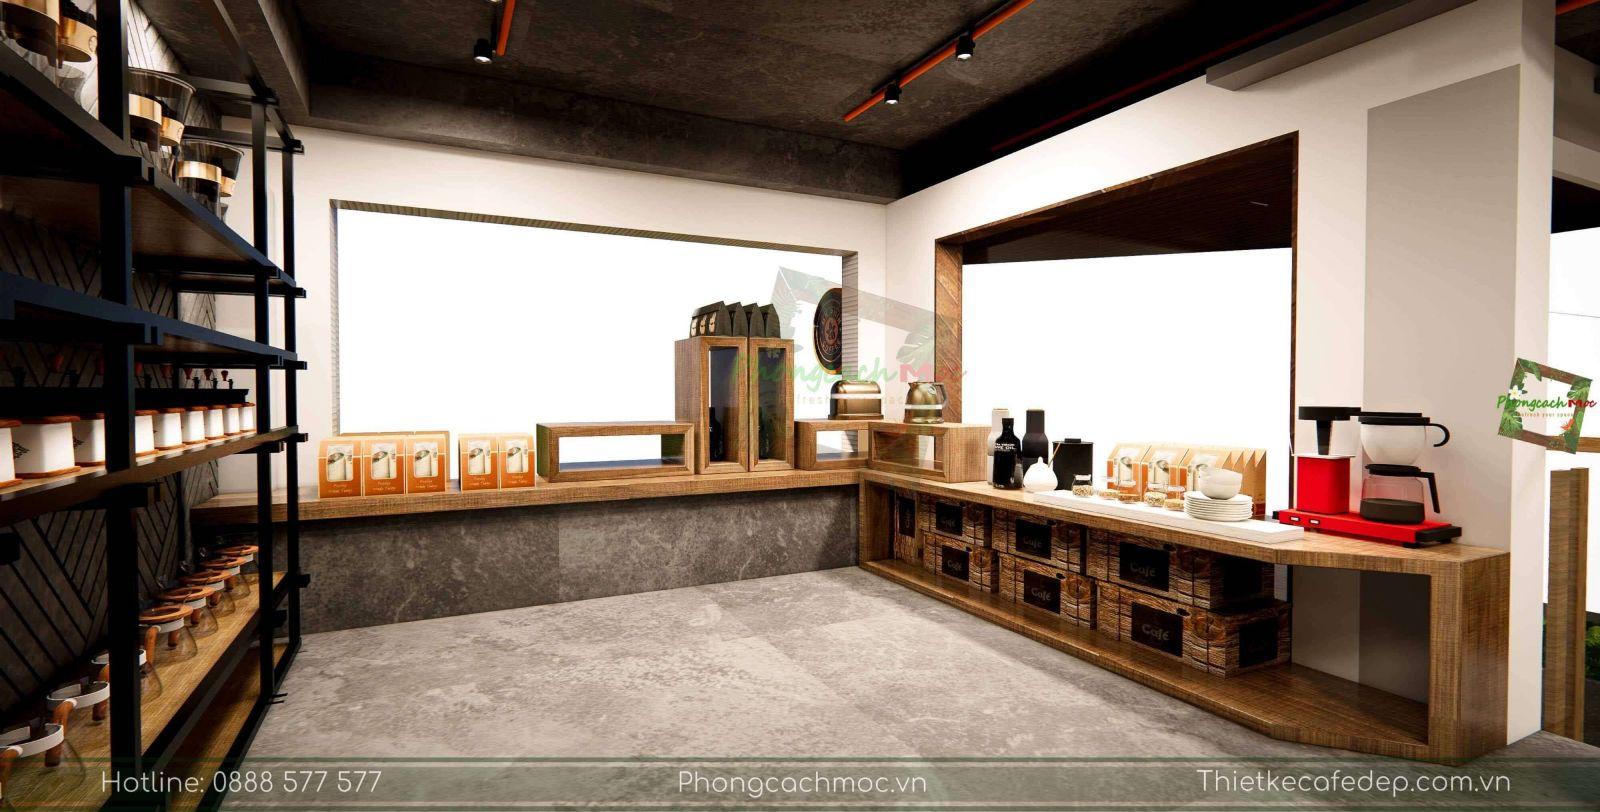 thiet-ke-quan-cafe-mr-phin-chu-van-an-15